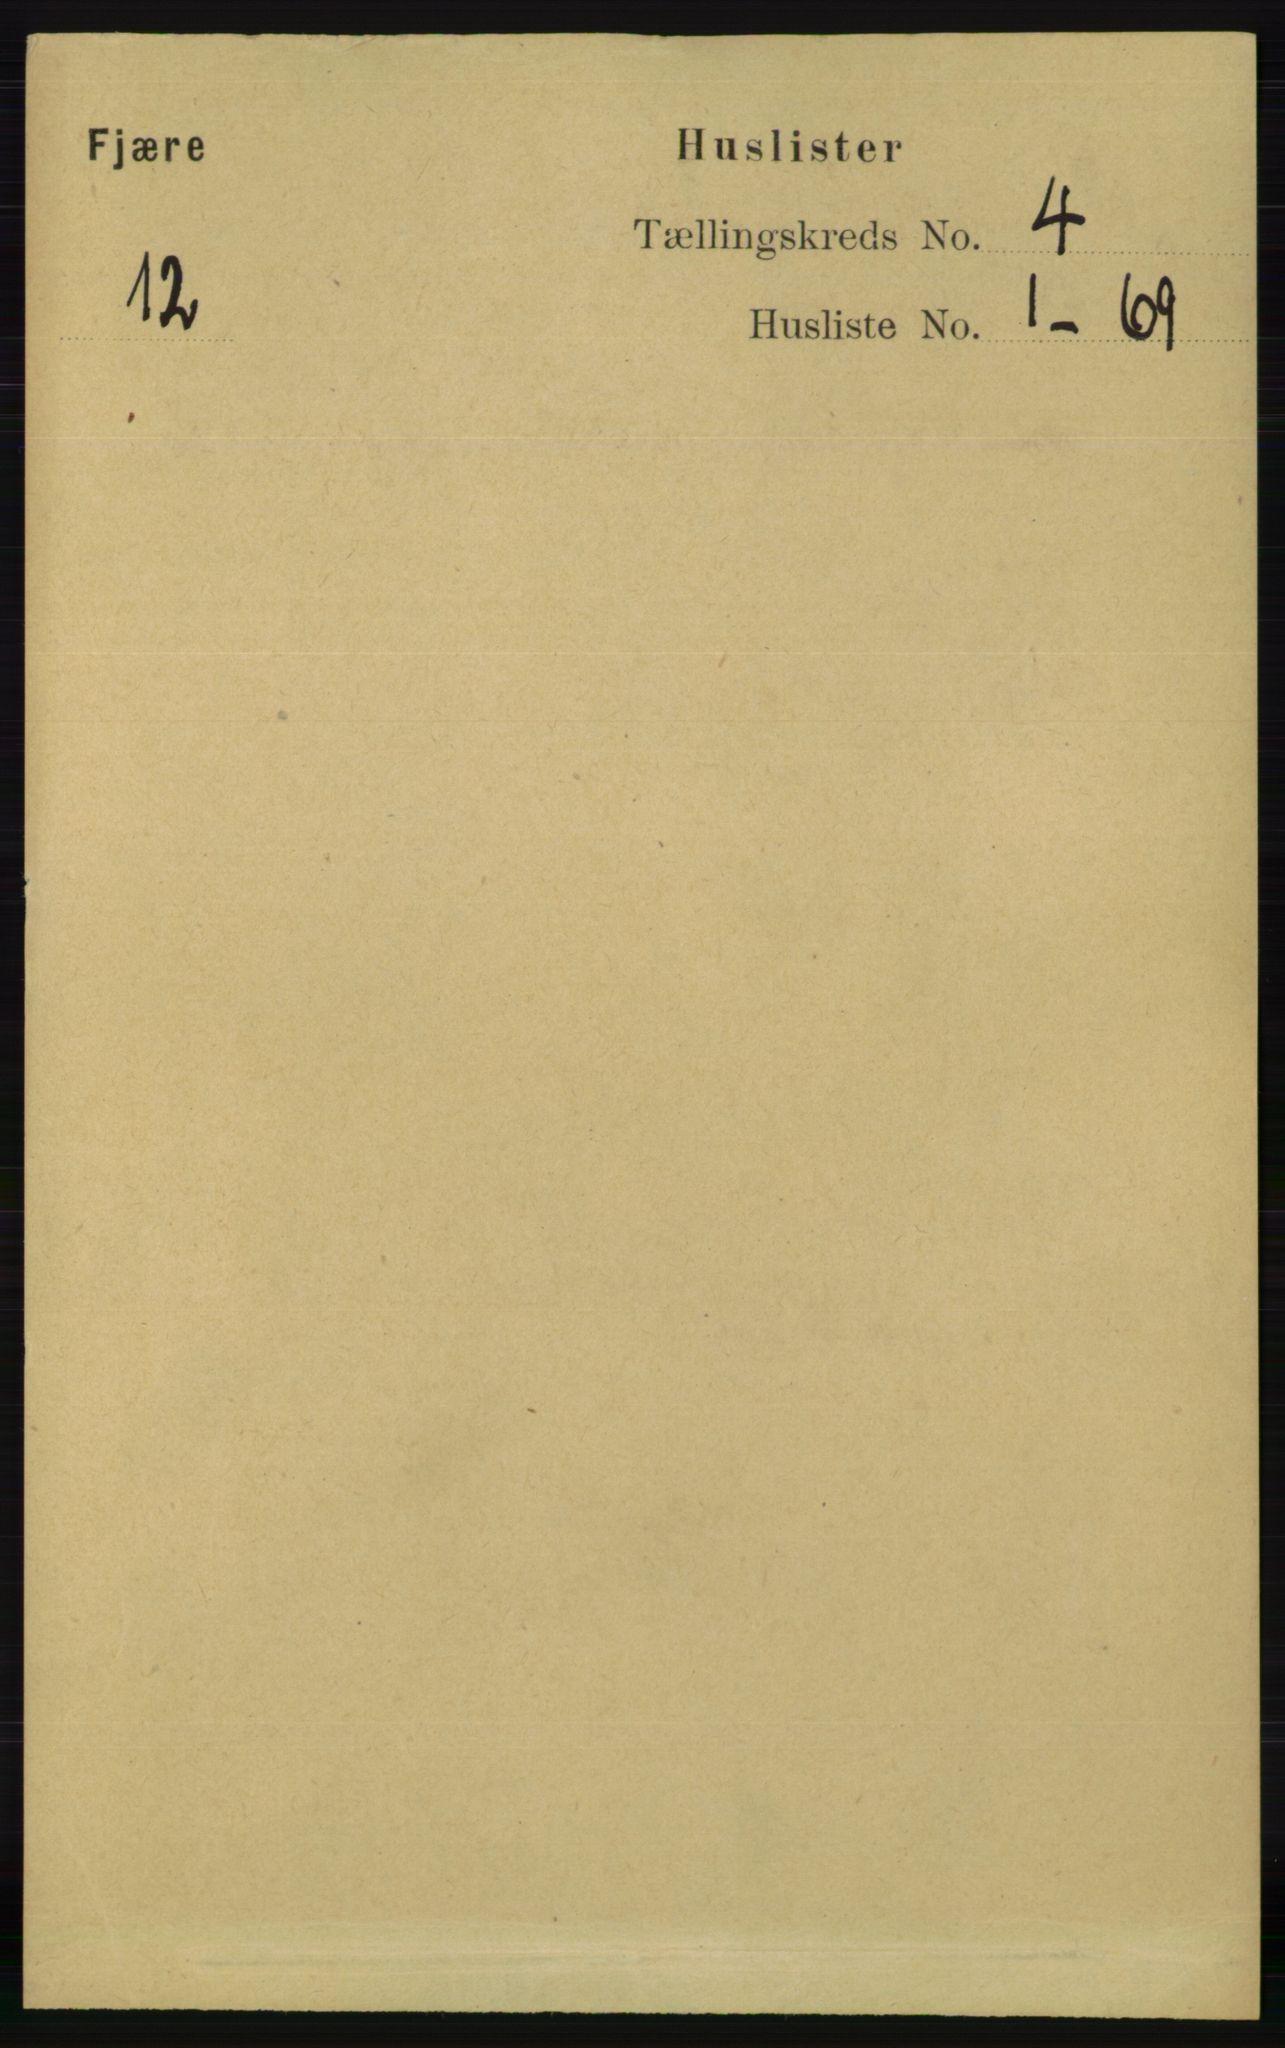 RA, Folketelling 1891 for 0923 Fjære herred, 1891, s. 1790